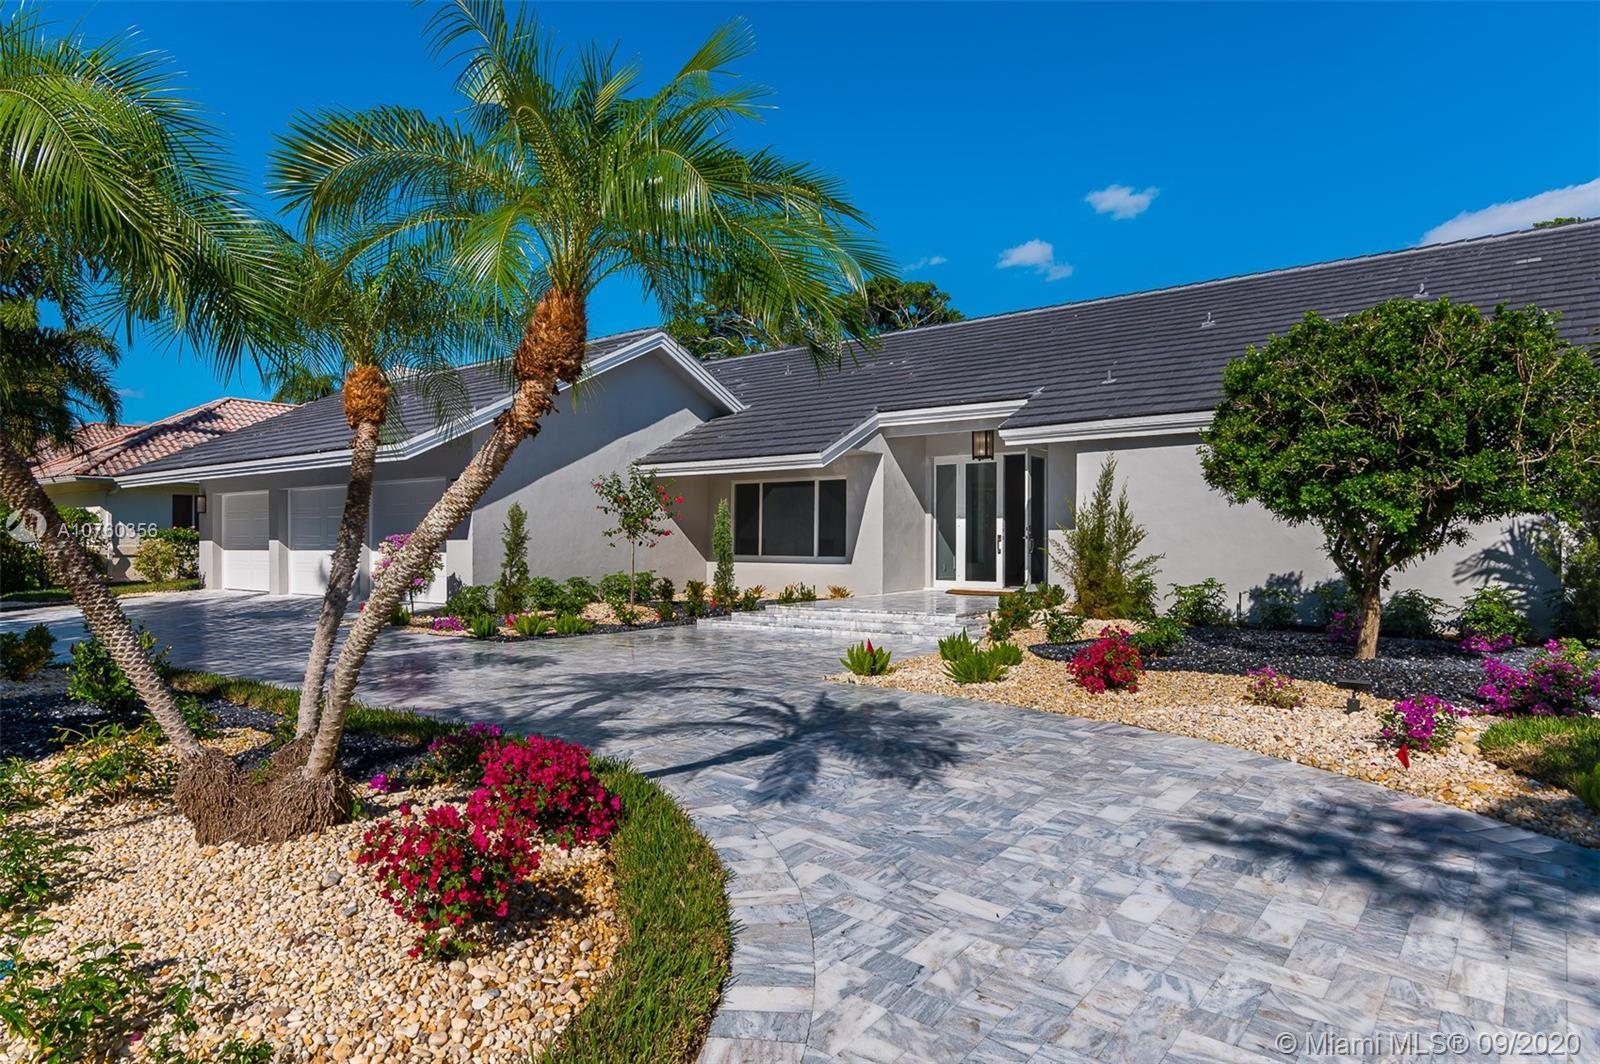 575 Sandpiper Way, Boca Raton, FL 33431 - #: A10760356